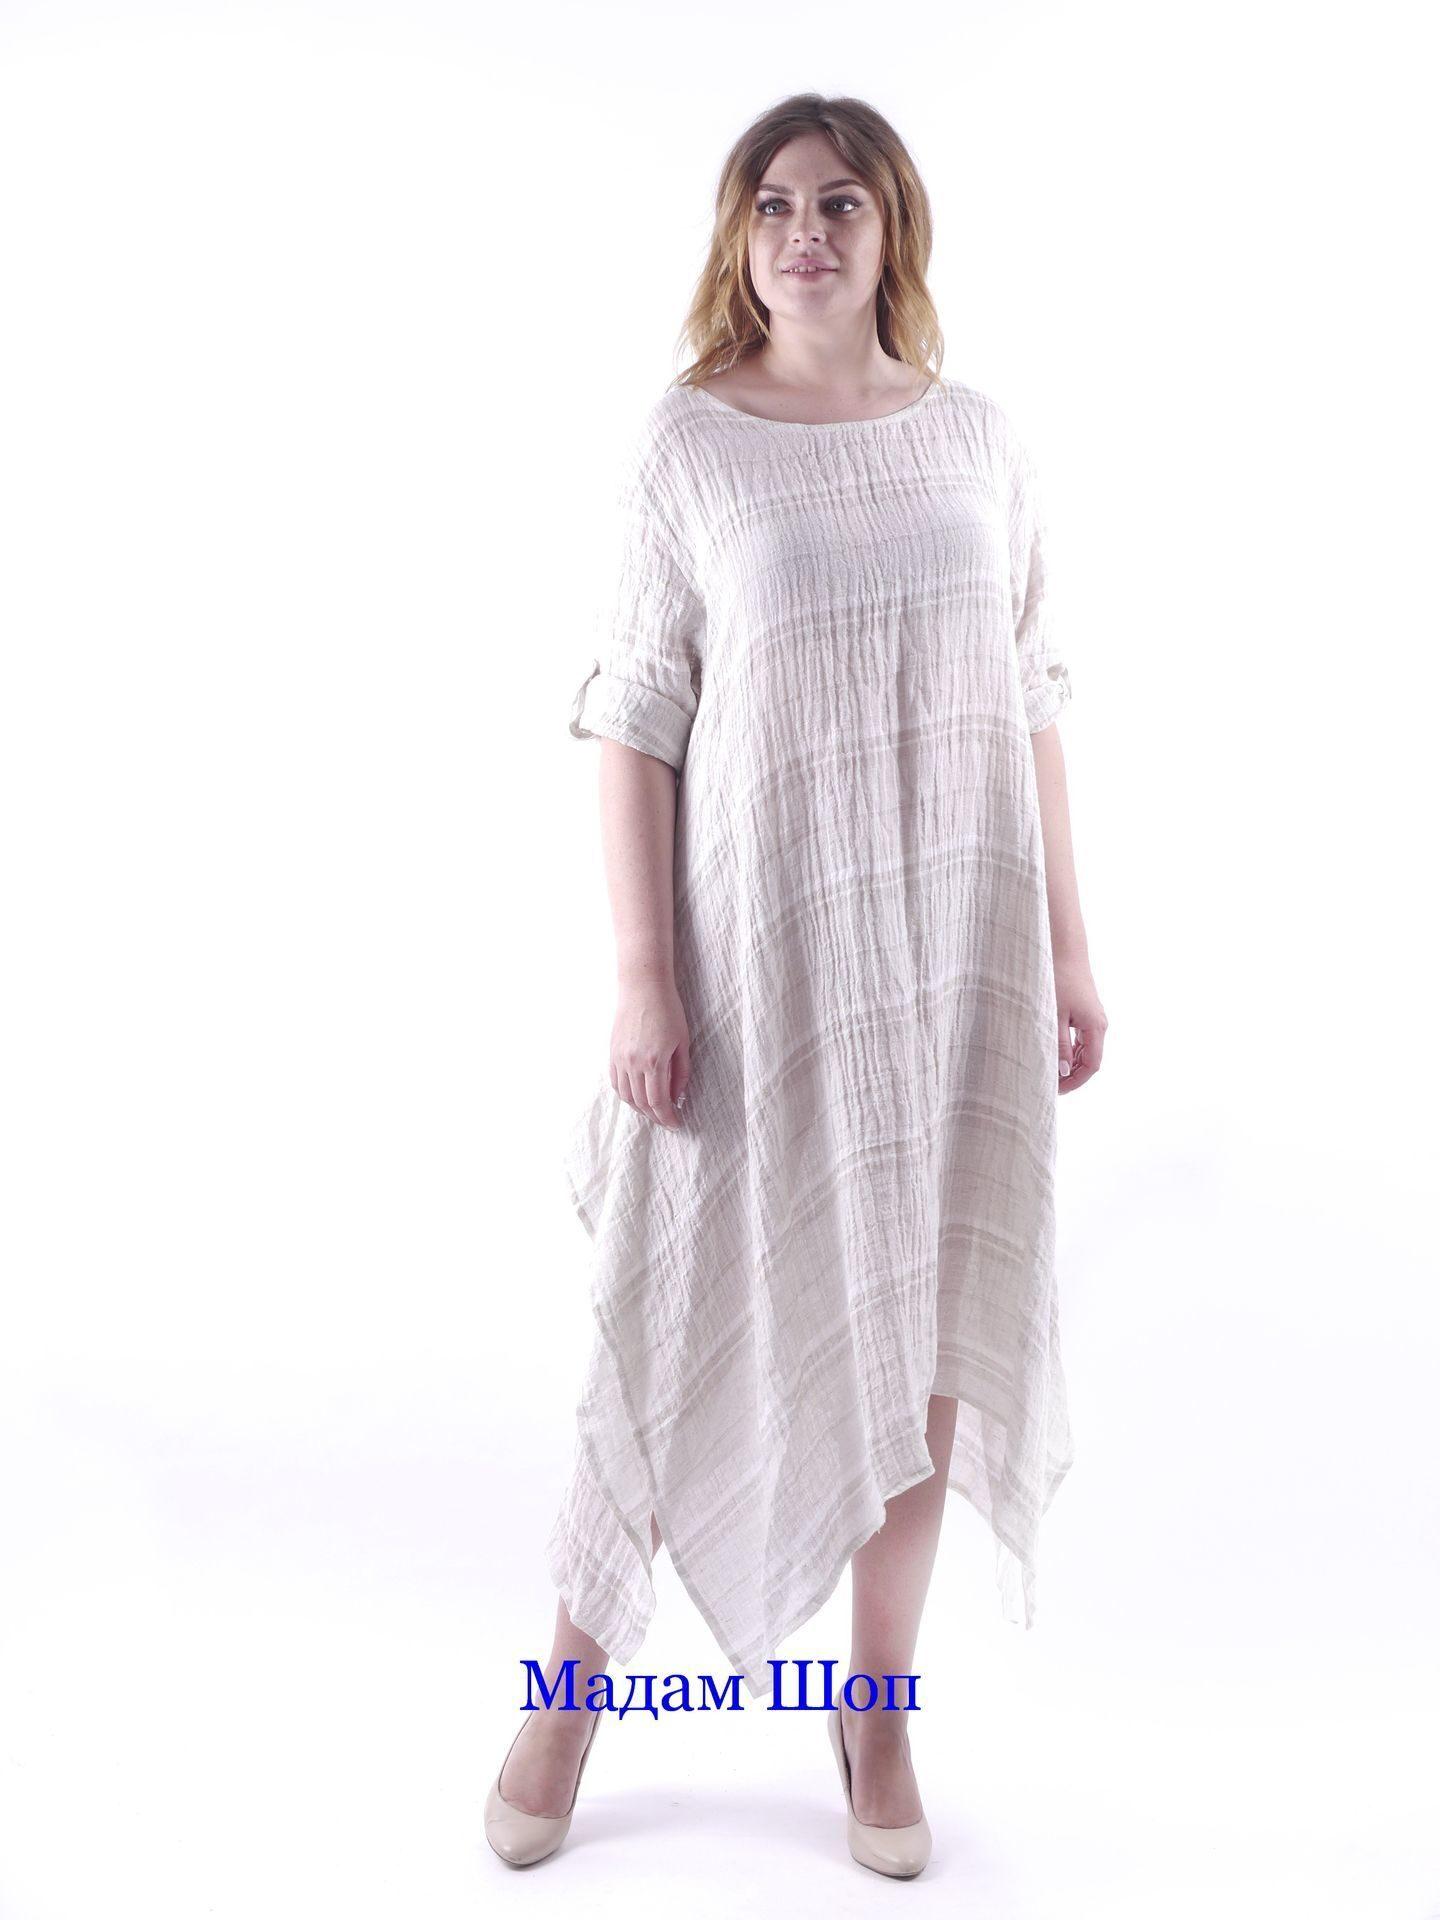 4dd554dd4e6 Купить стильную летнюю одежду для женщин 52 размера из Италии ...